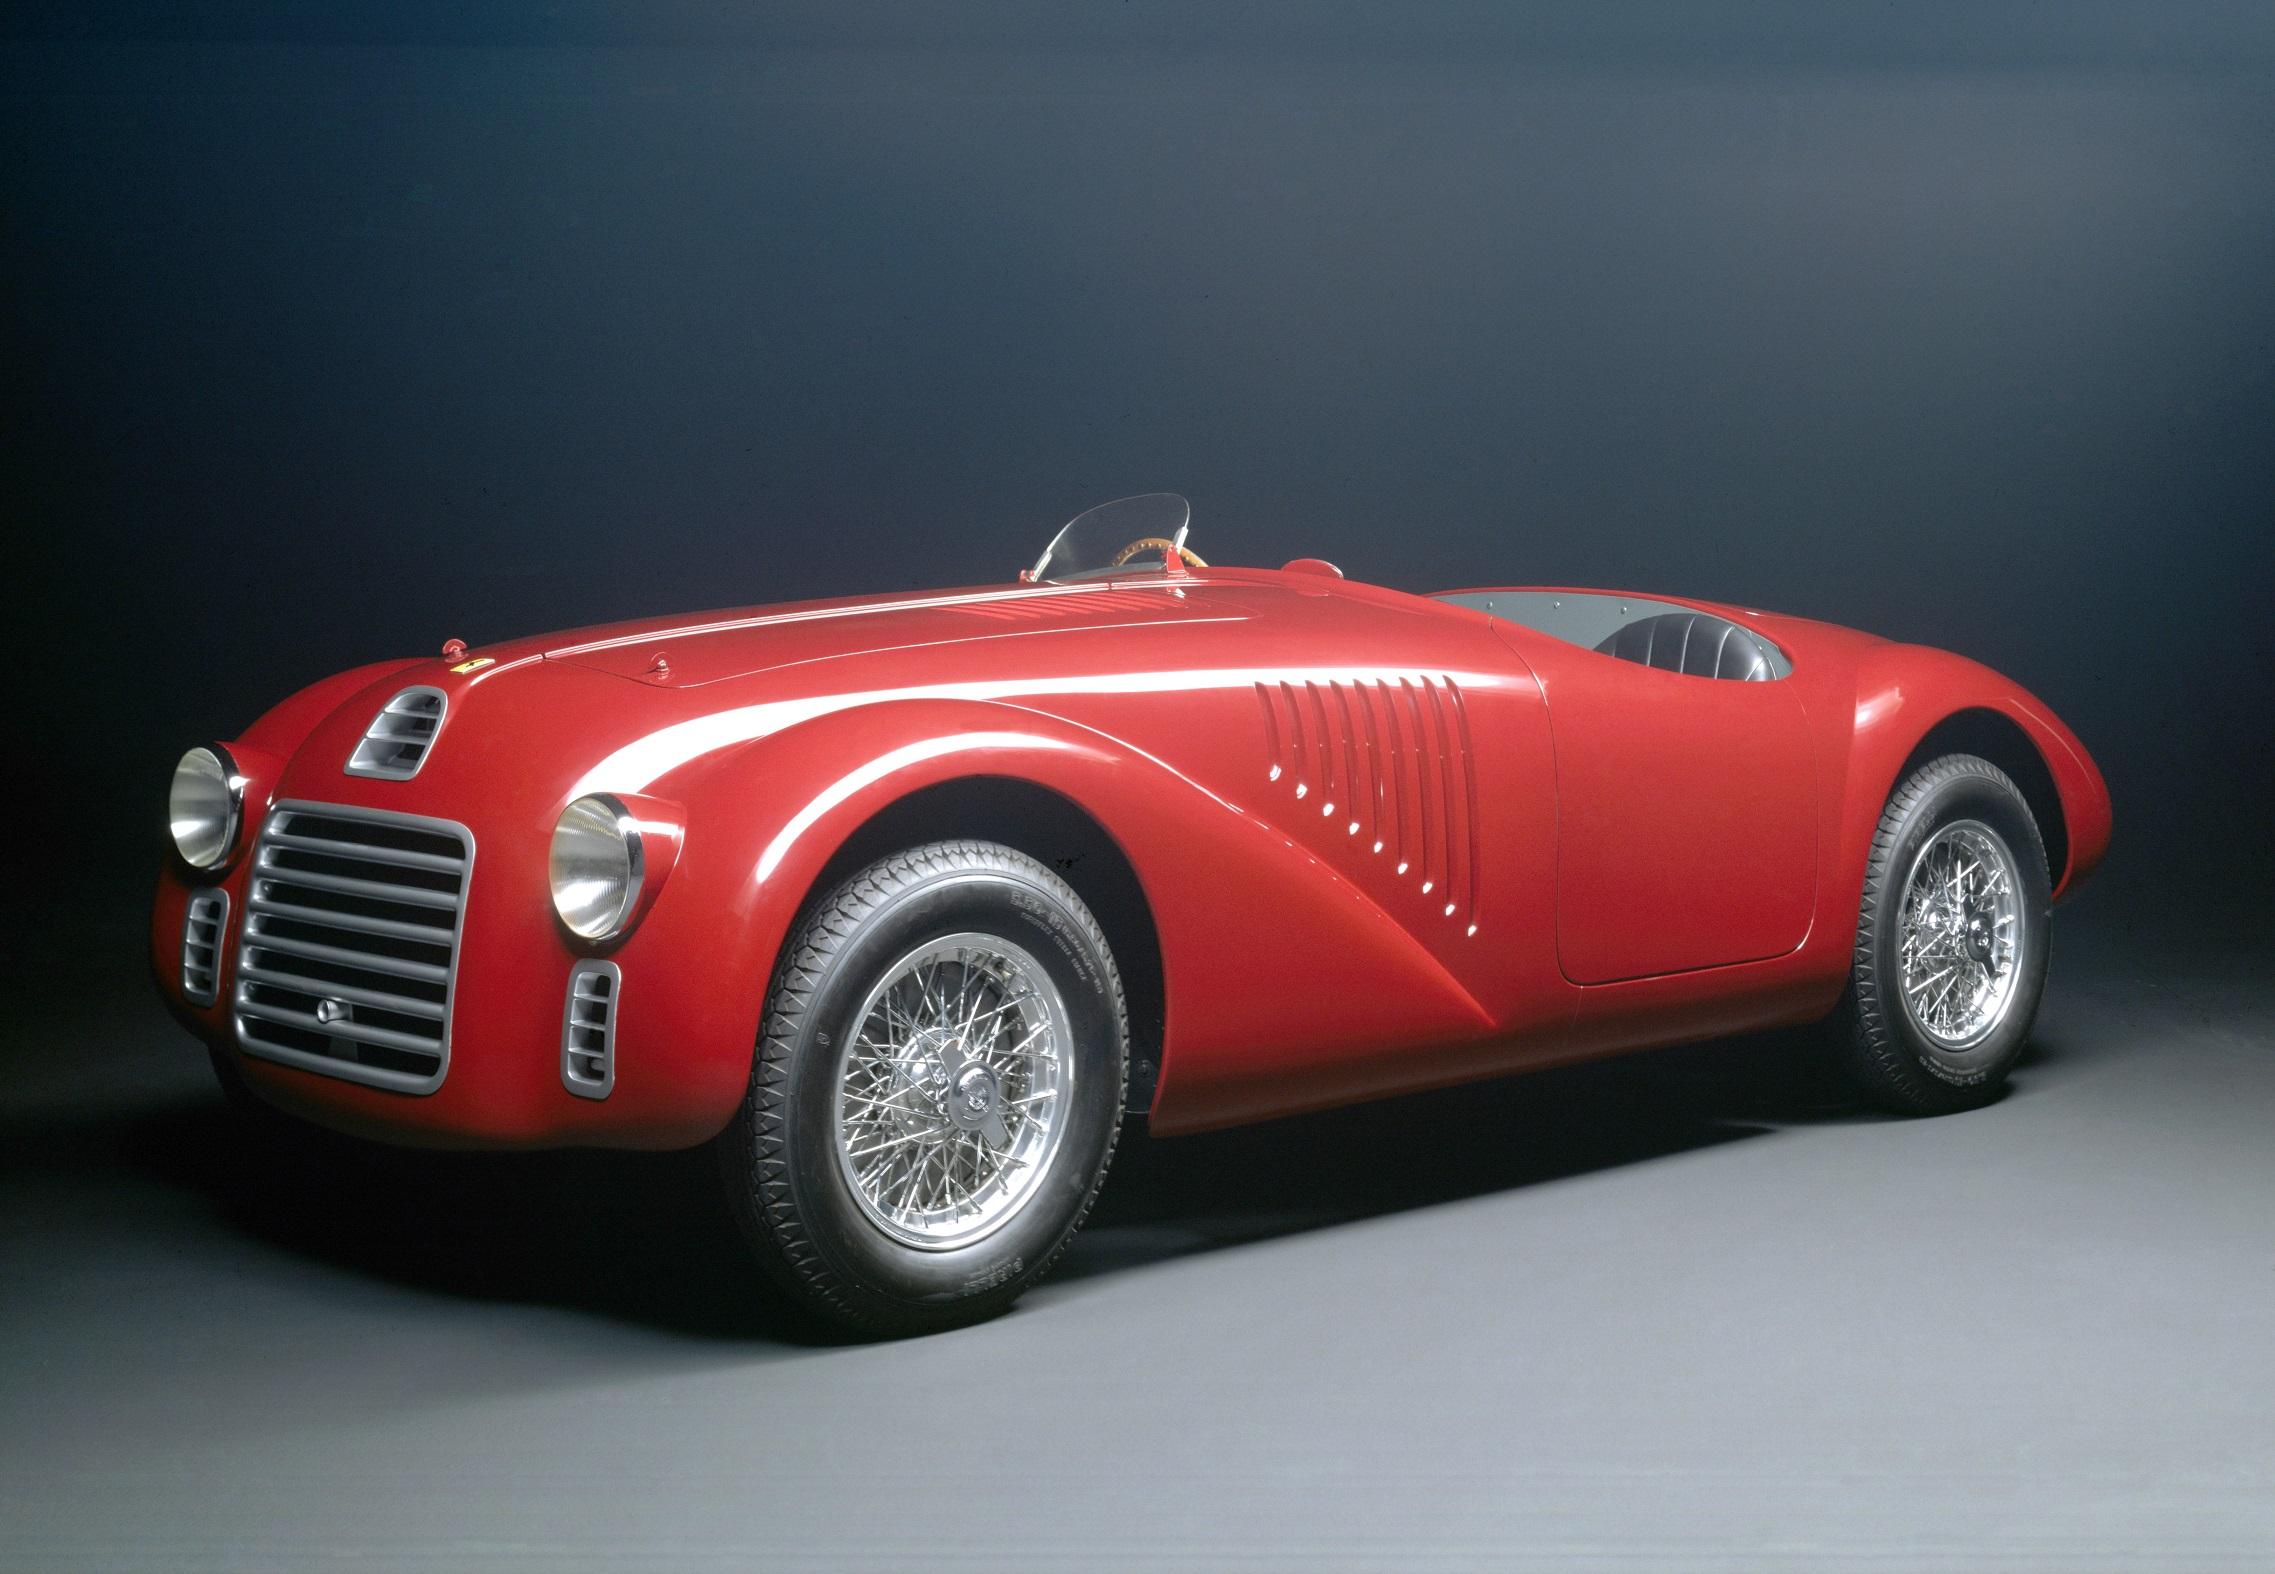 Réplica da 125 S feita em 1987 para comemorar os 40 anos da Ferrari; o modelo original foi desmontado e suas partes serviram de componentes para outros veículos (Ferrari/Divulgação)